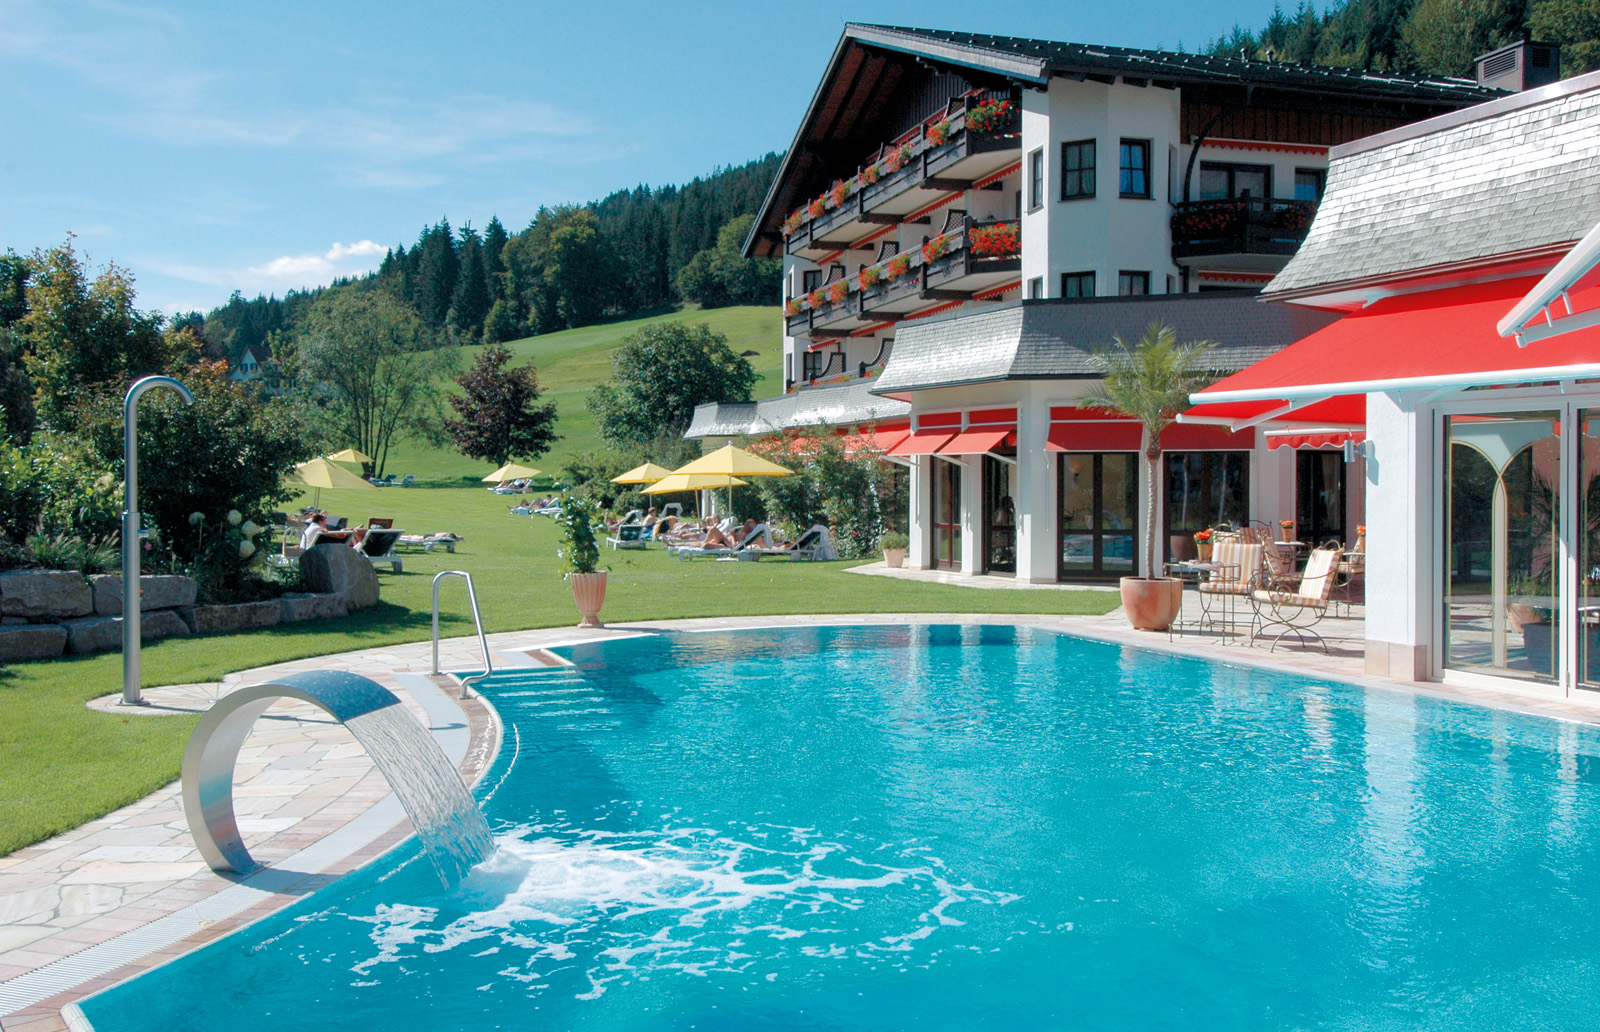 Aussenpool - Hotel Engel, Baierbronn / Obertal